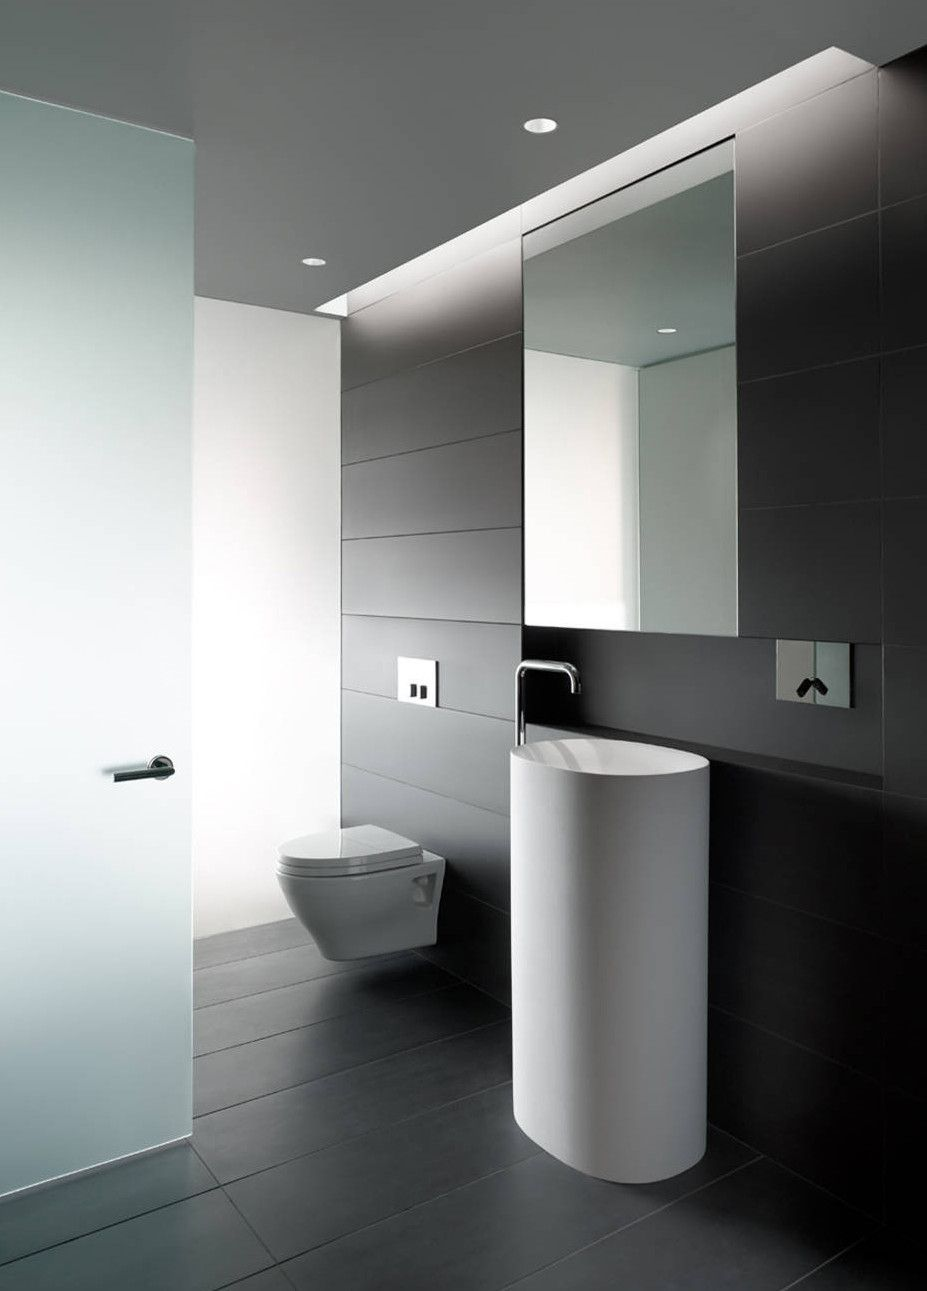 Bad Modern Gestalten Mit Licht Durch Indirekter Beleuchtung über Opake  Glastür